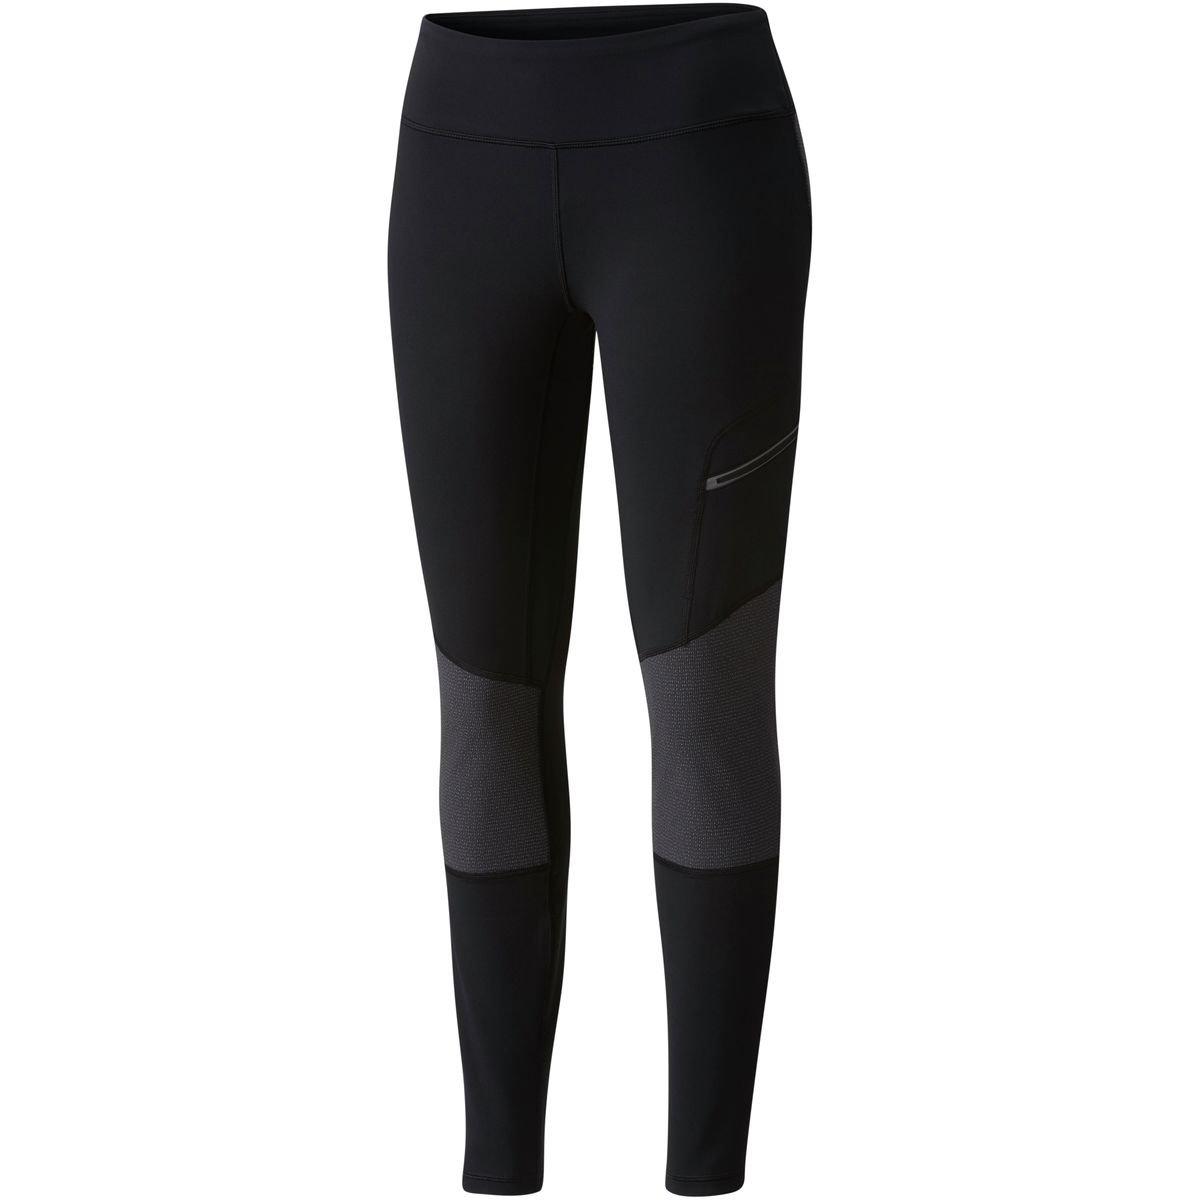 (コロンビア) Columbia Titanium Titan Peak Trekking Legging - Women'sレディース バックパック リュック Black/Shark [並行輸入品]   B07K3ZBFP3